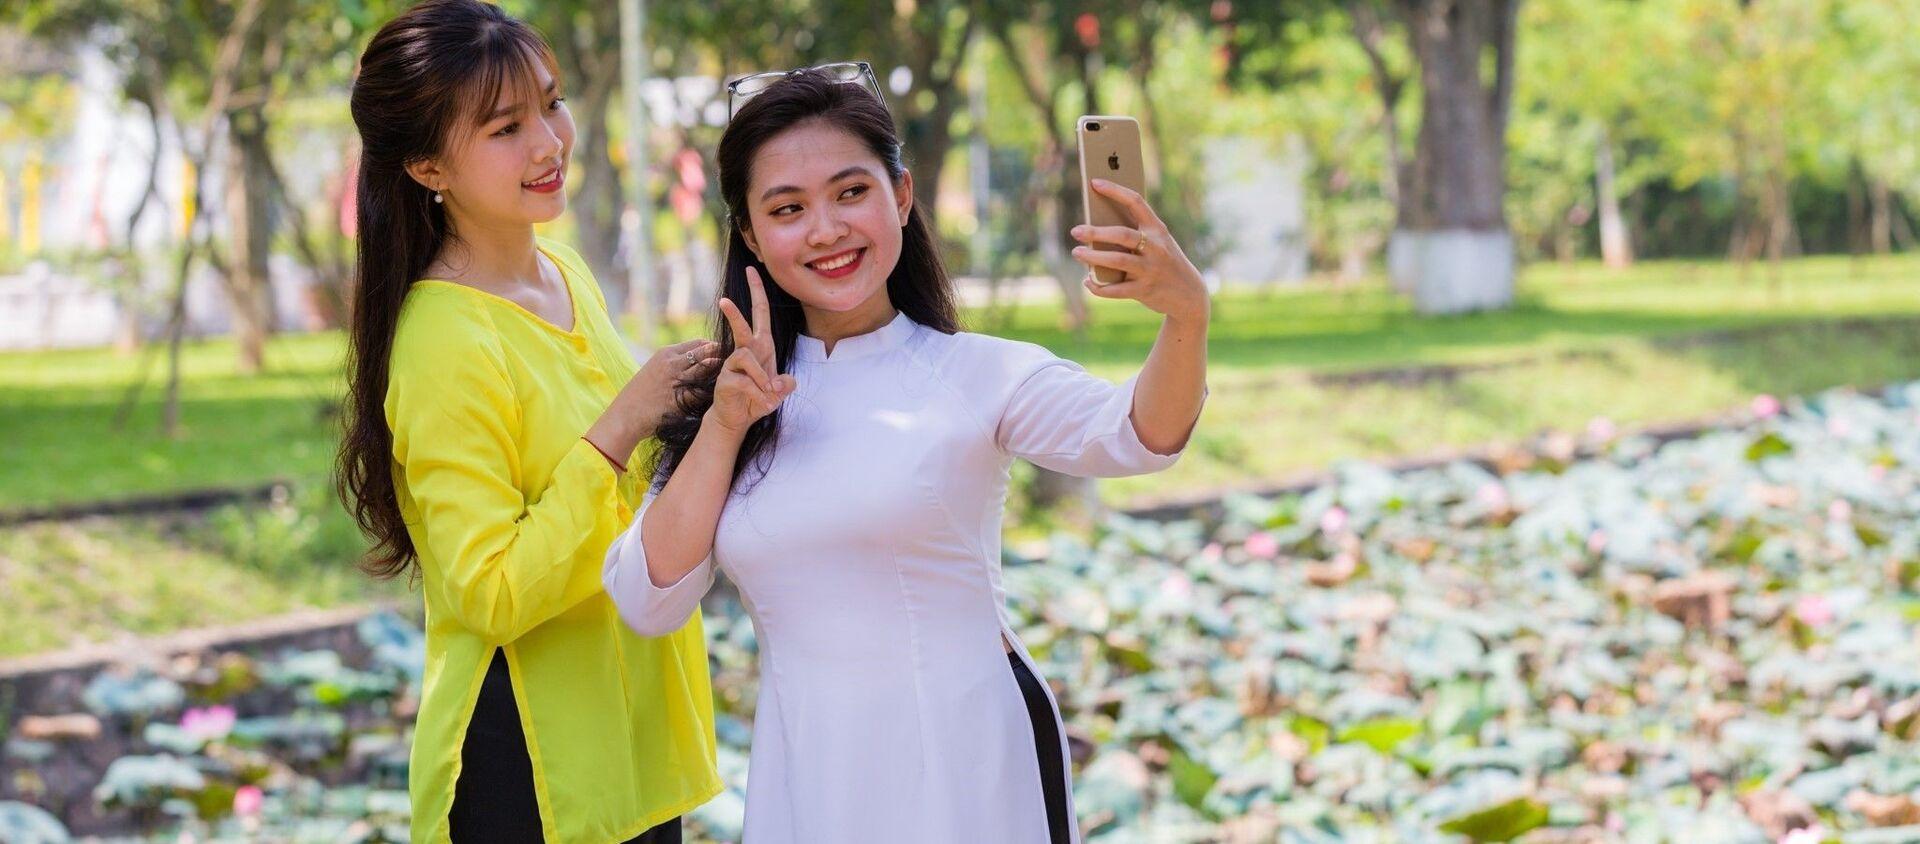 Khách du lịch lưu lại những khoảnh khắc đẹp với Sen quê Bác - Sputnik Việt Nam, 1920, 19.05.2020